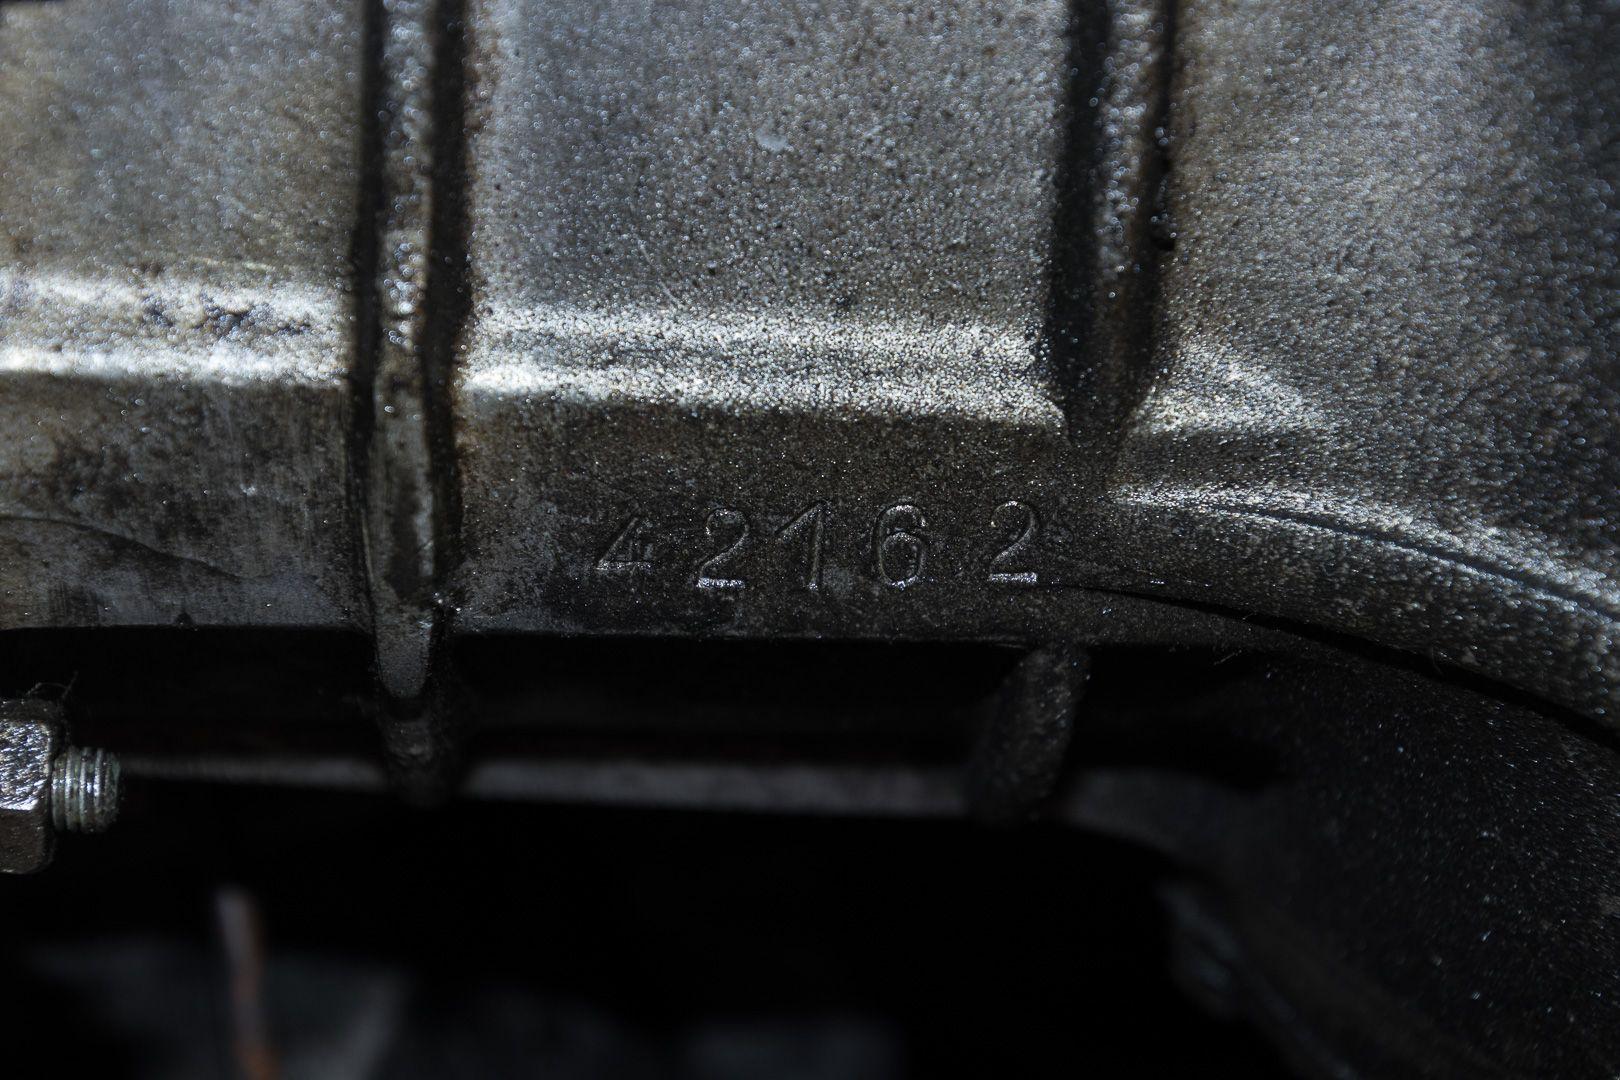 1960 Porsche 356 B (T5) Roadster 14416